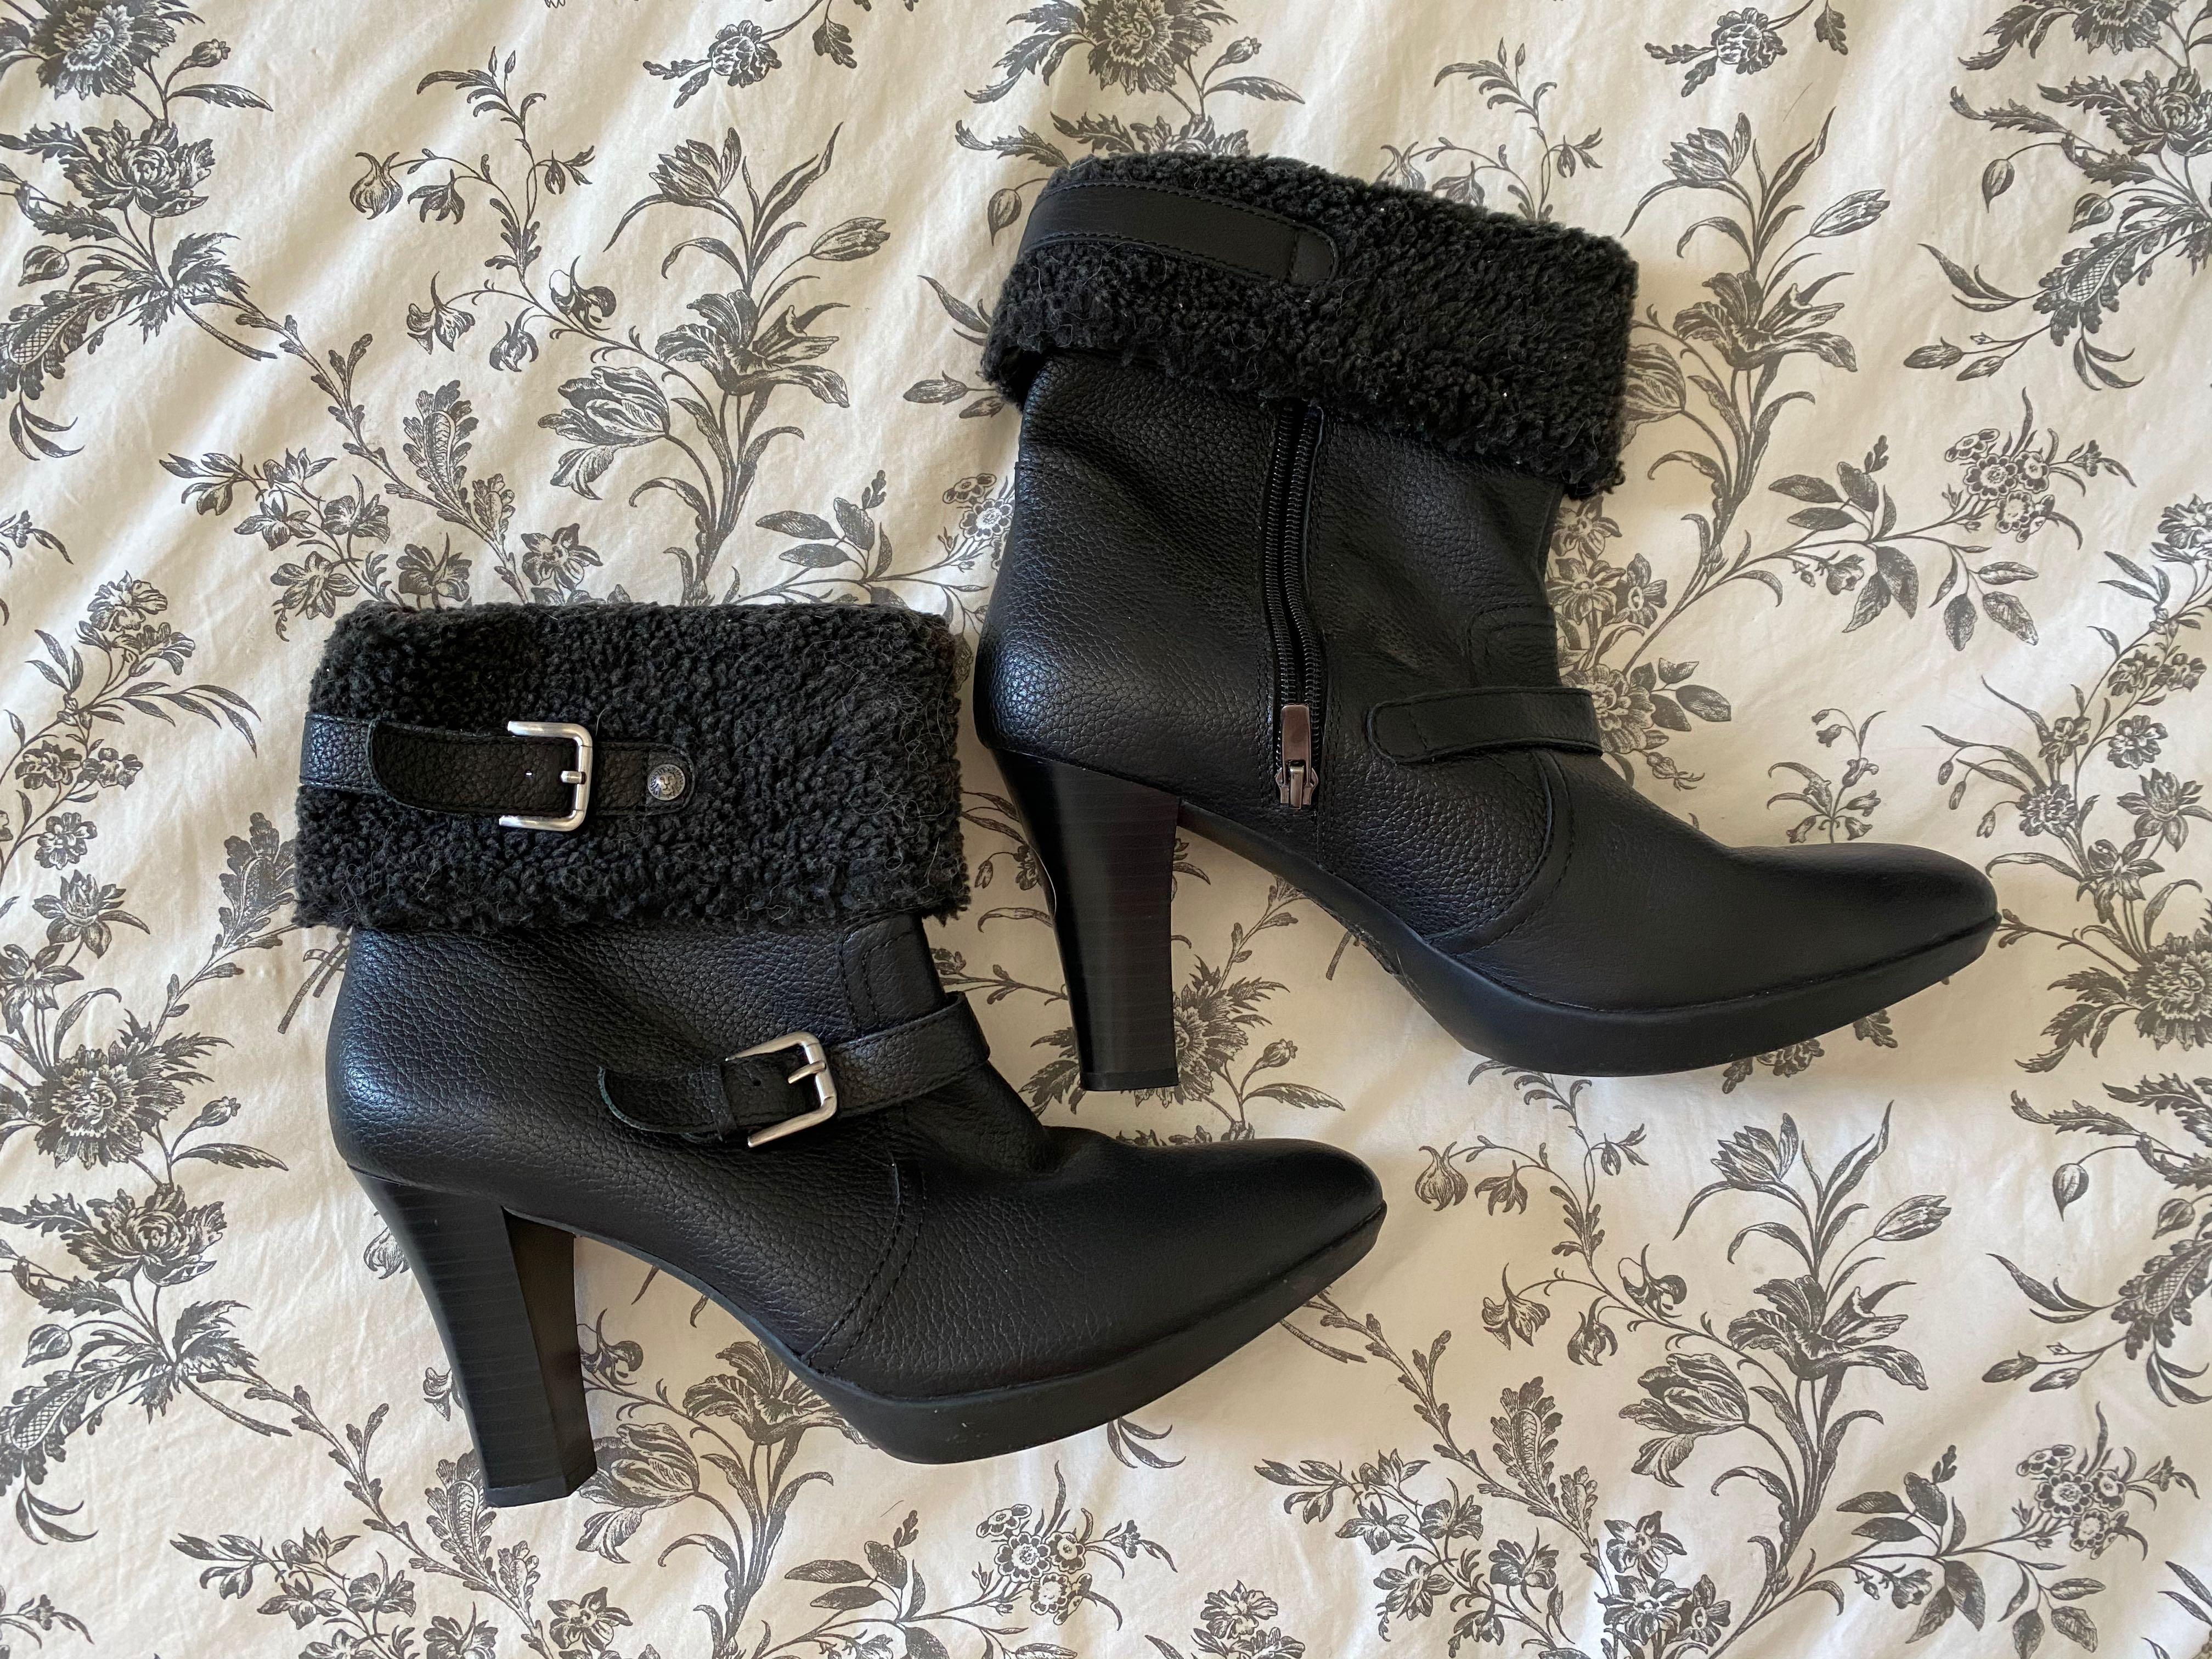 Anne Klein Winter Boots